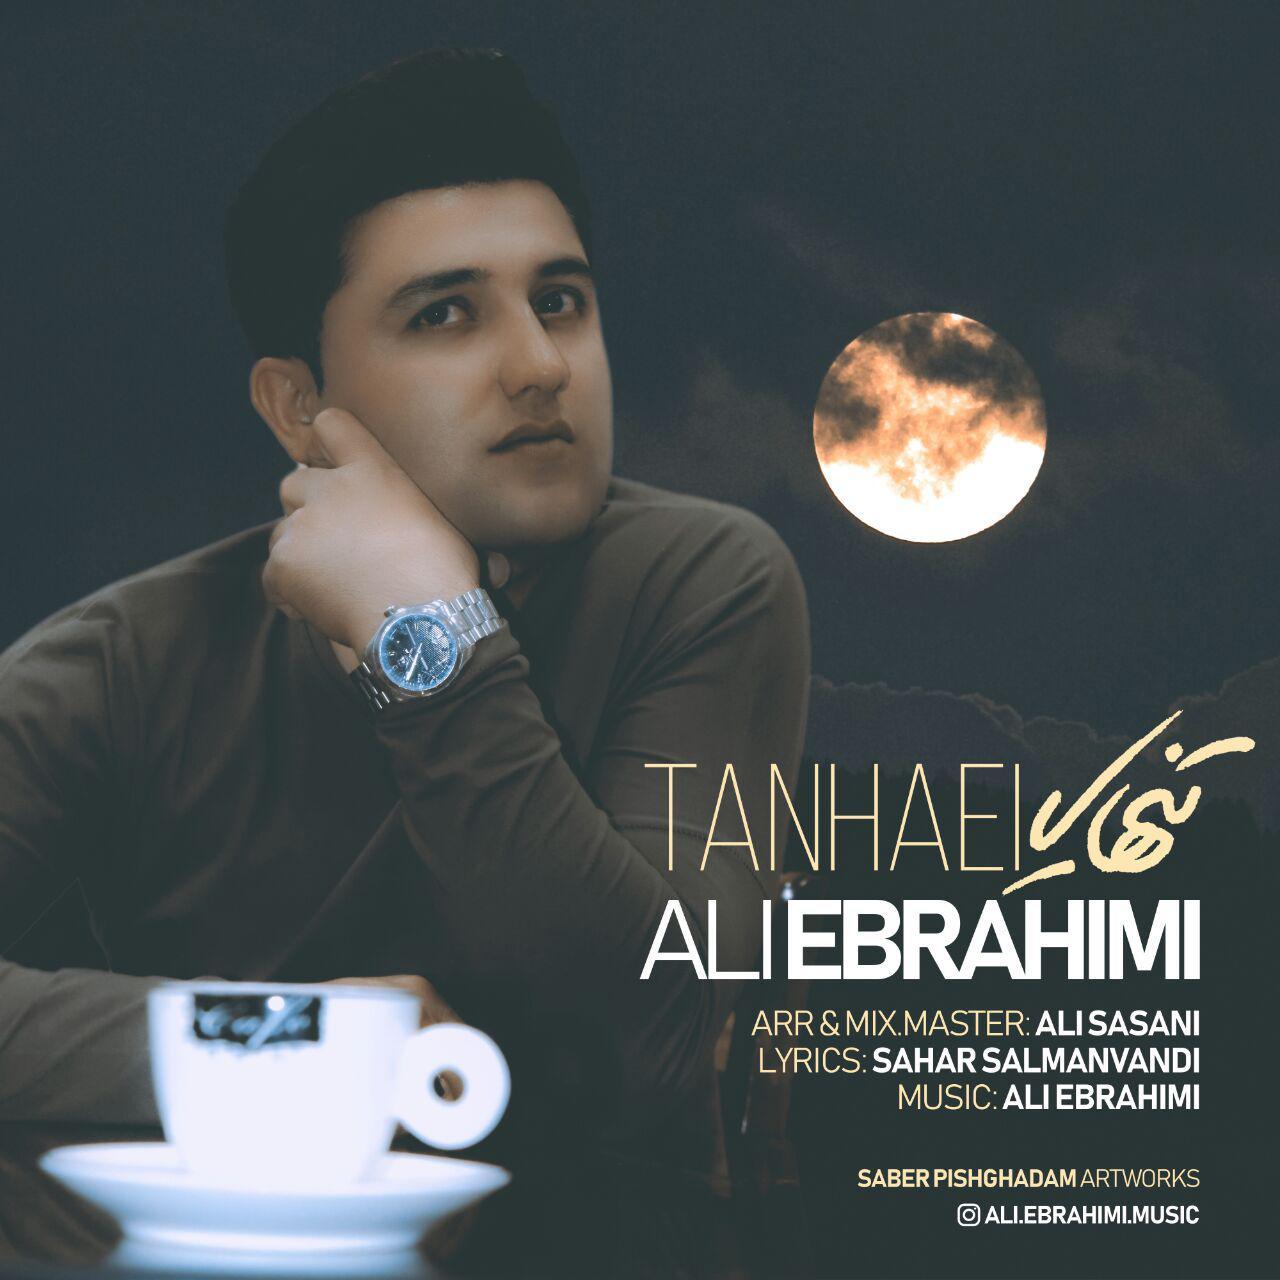 Ali Ebrahimi – Tanhaei